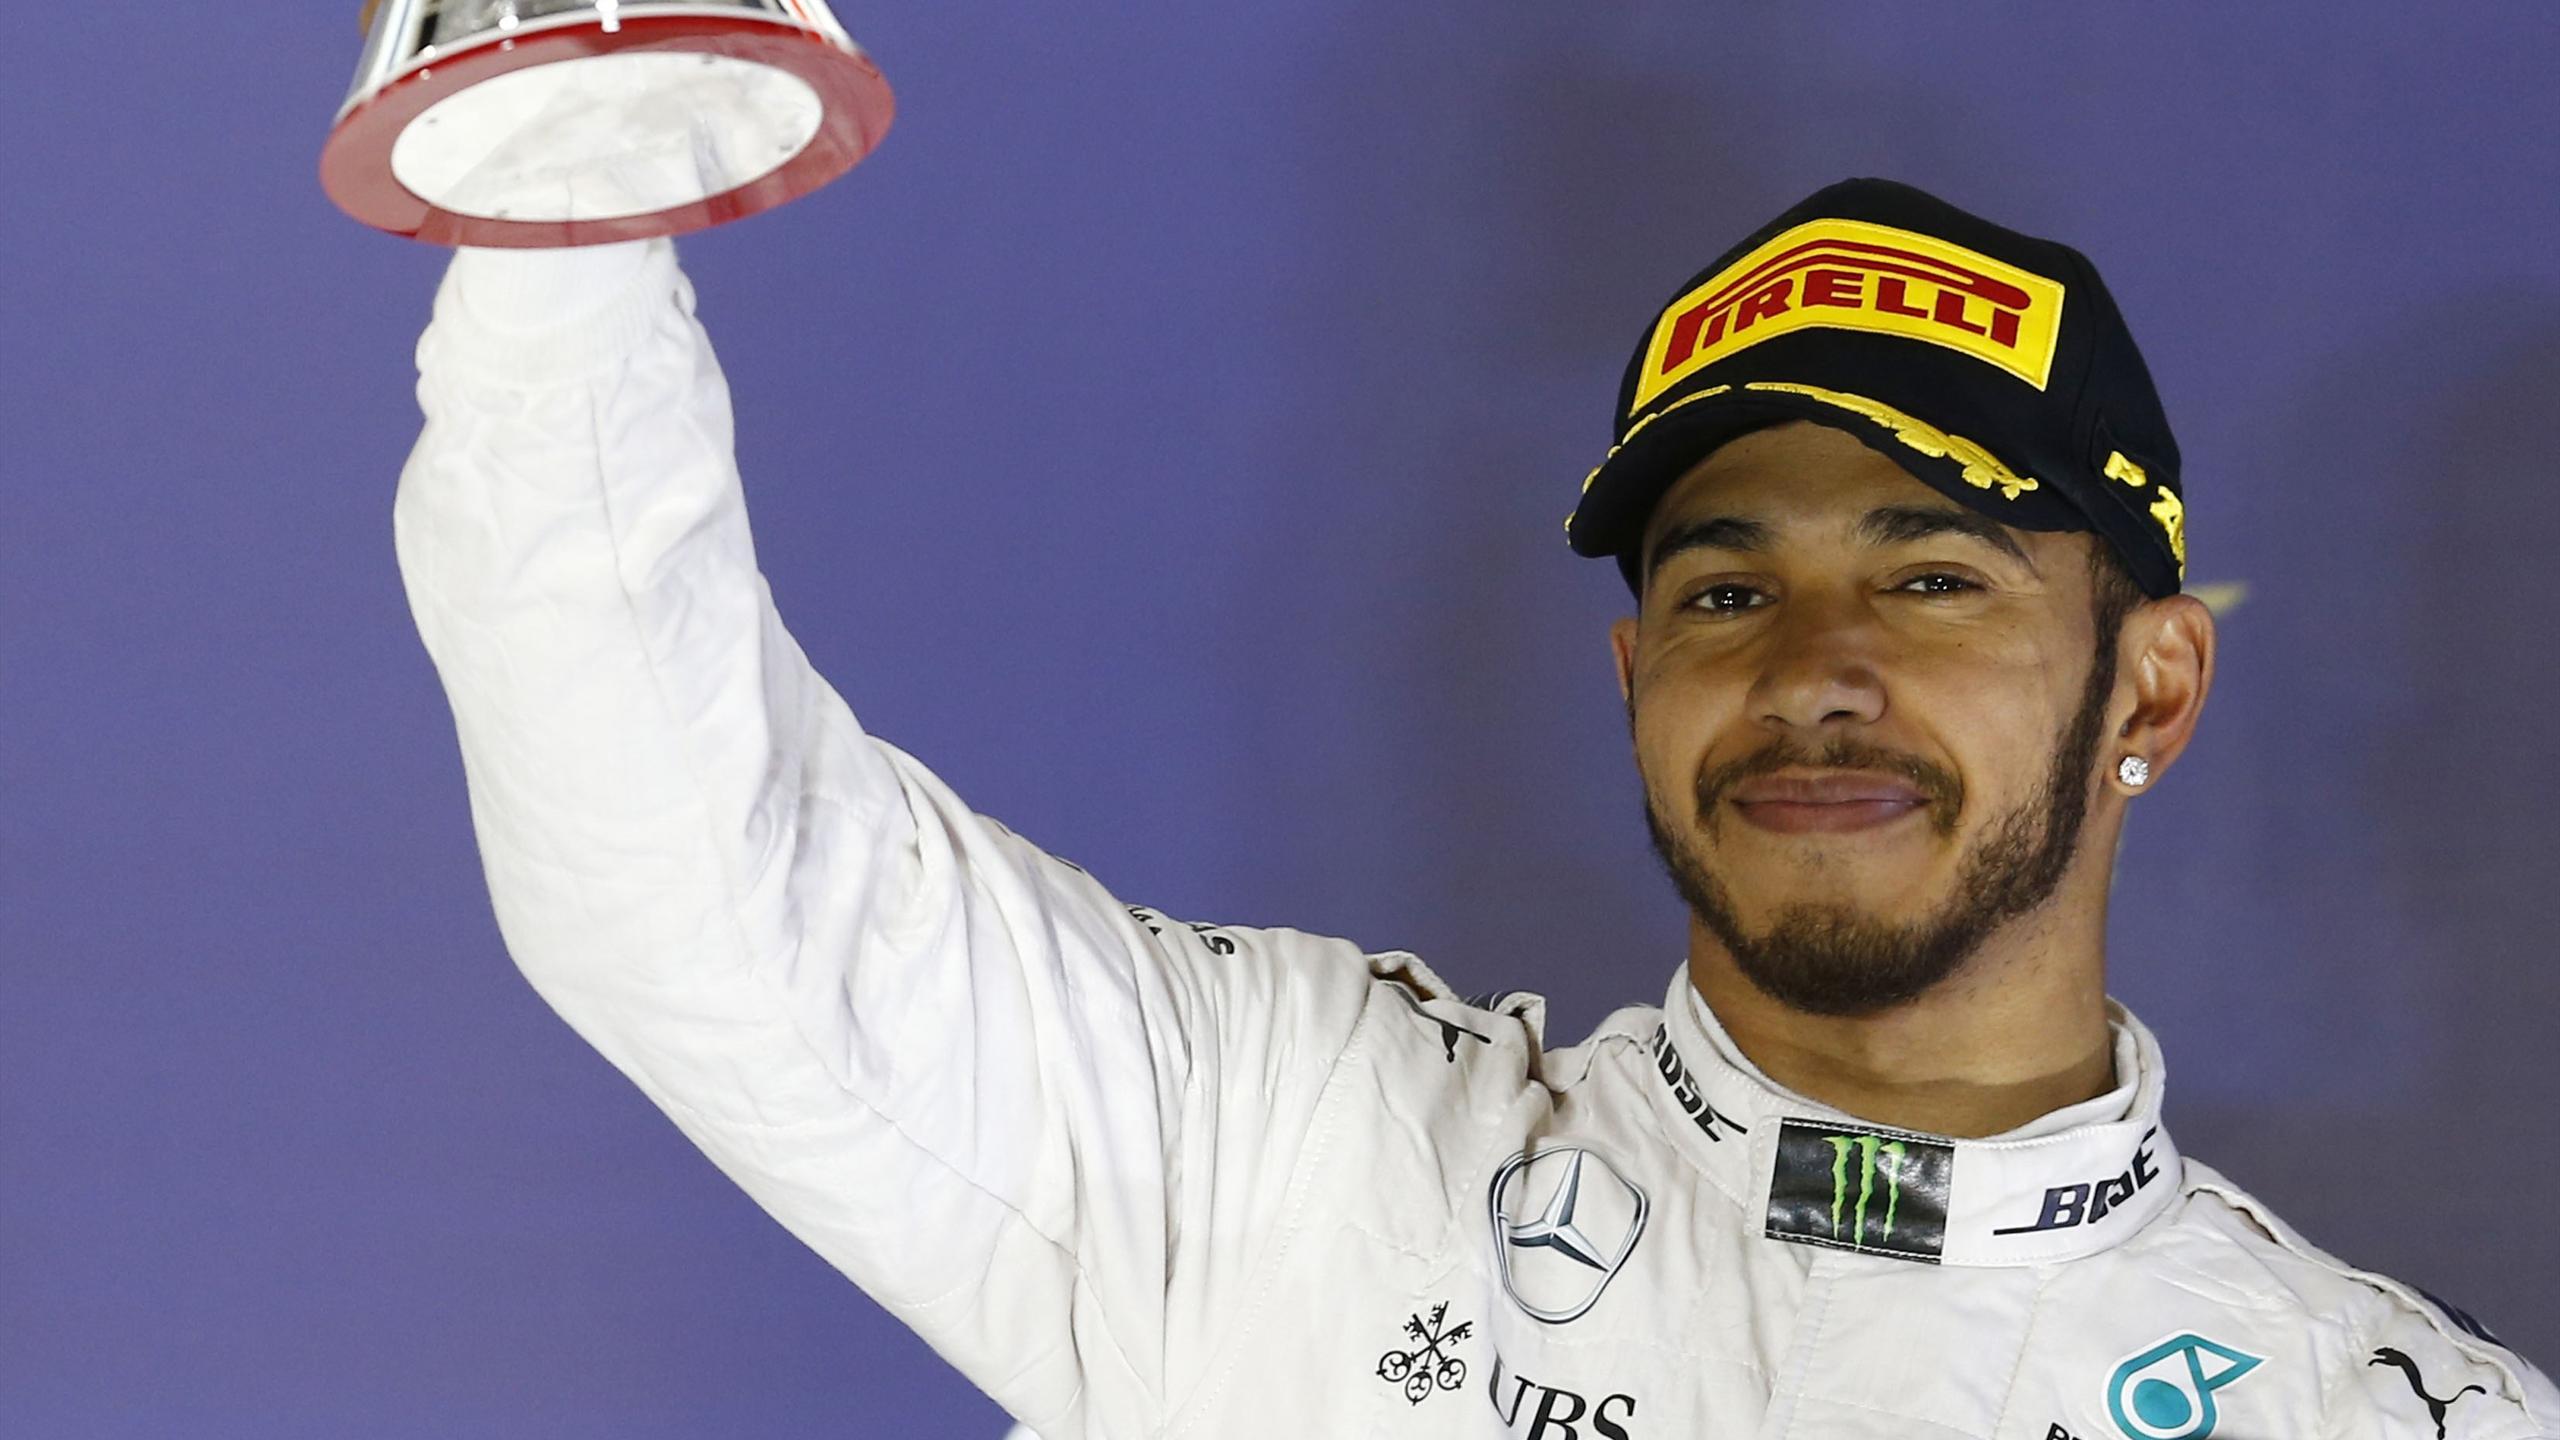 Lewis Hamilton (Mercedes) au Grand Prix de Bahreïn 2016